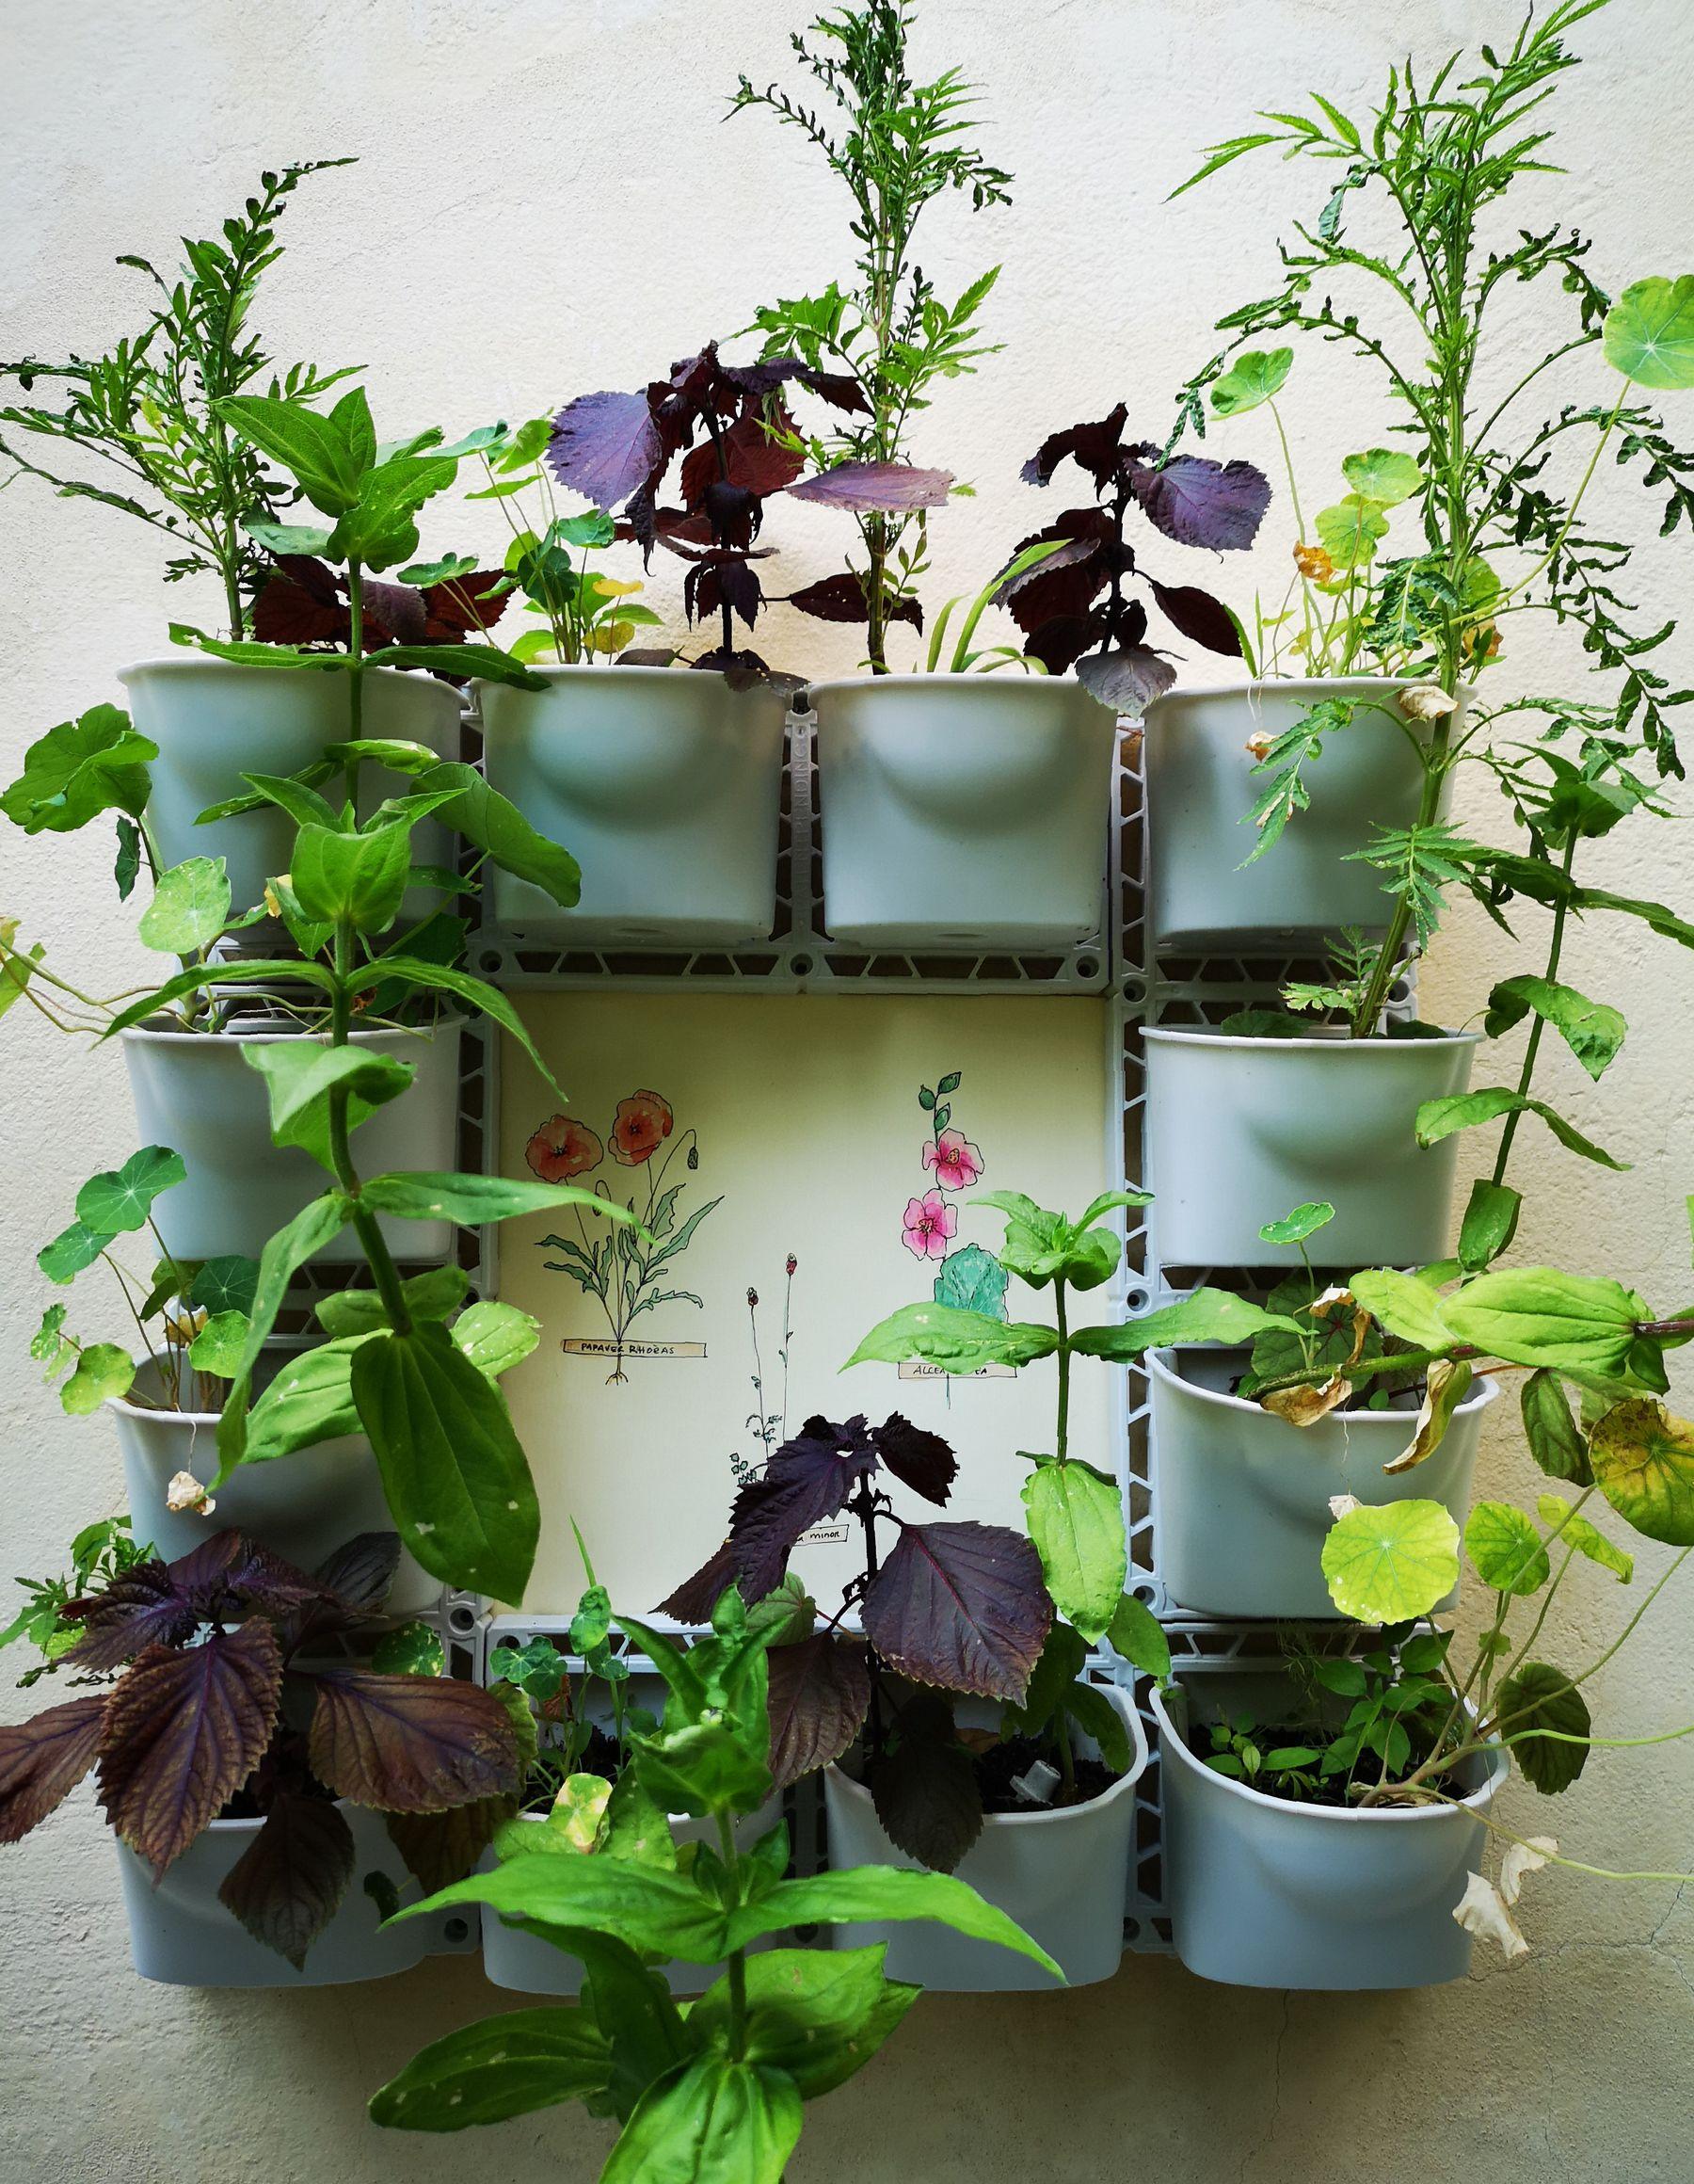 Blossom zine vertical garden Verdemax